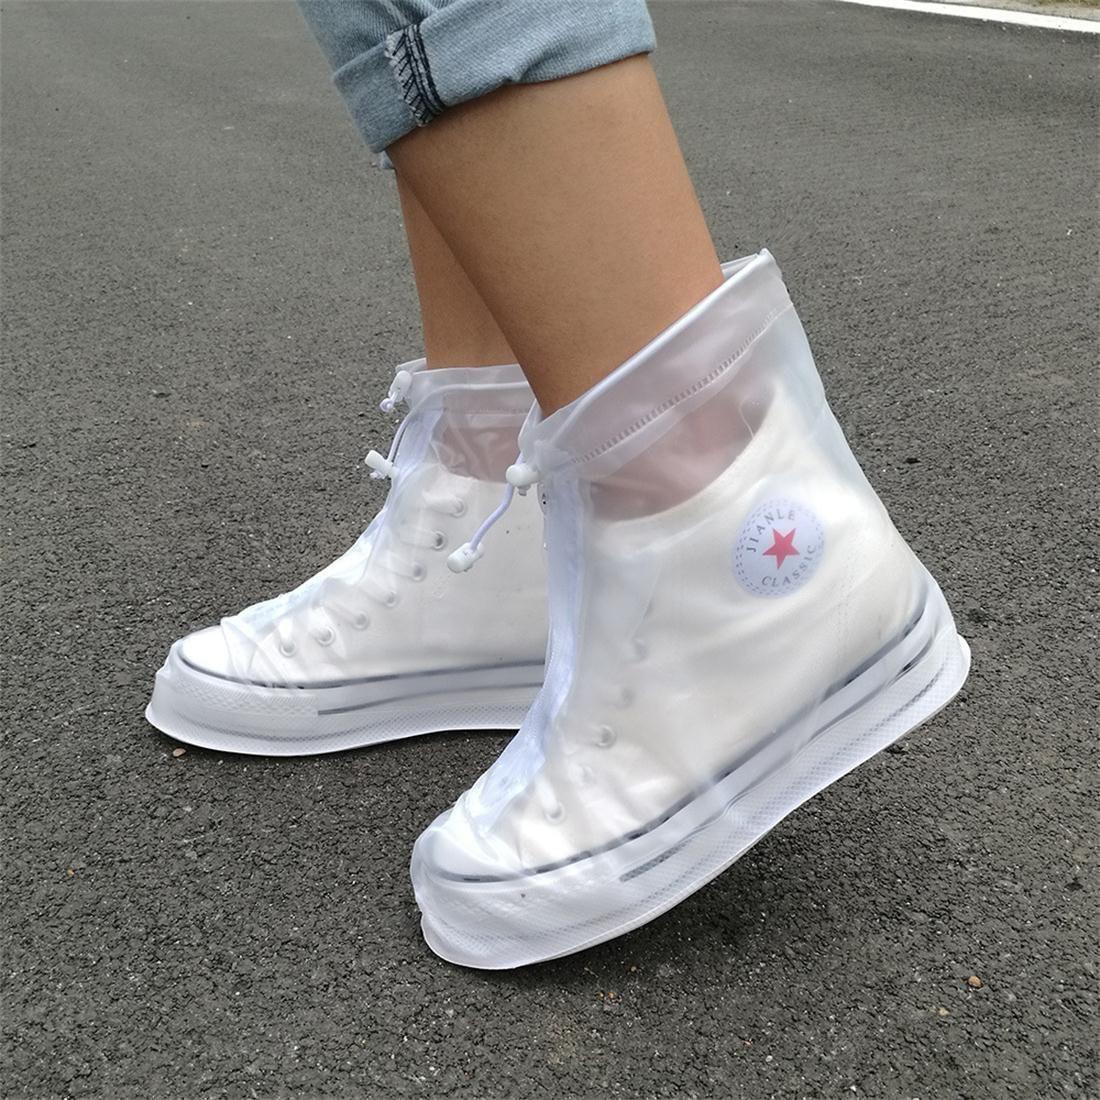 Cứ mưa bẩn thế này thì cũng đến mức phải sắm mấy cái bao giày đi mưa thôi - Ảnh 1.